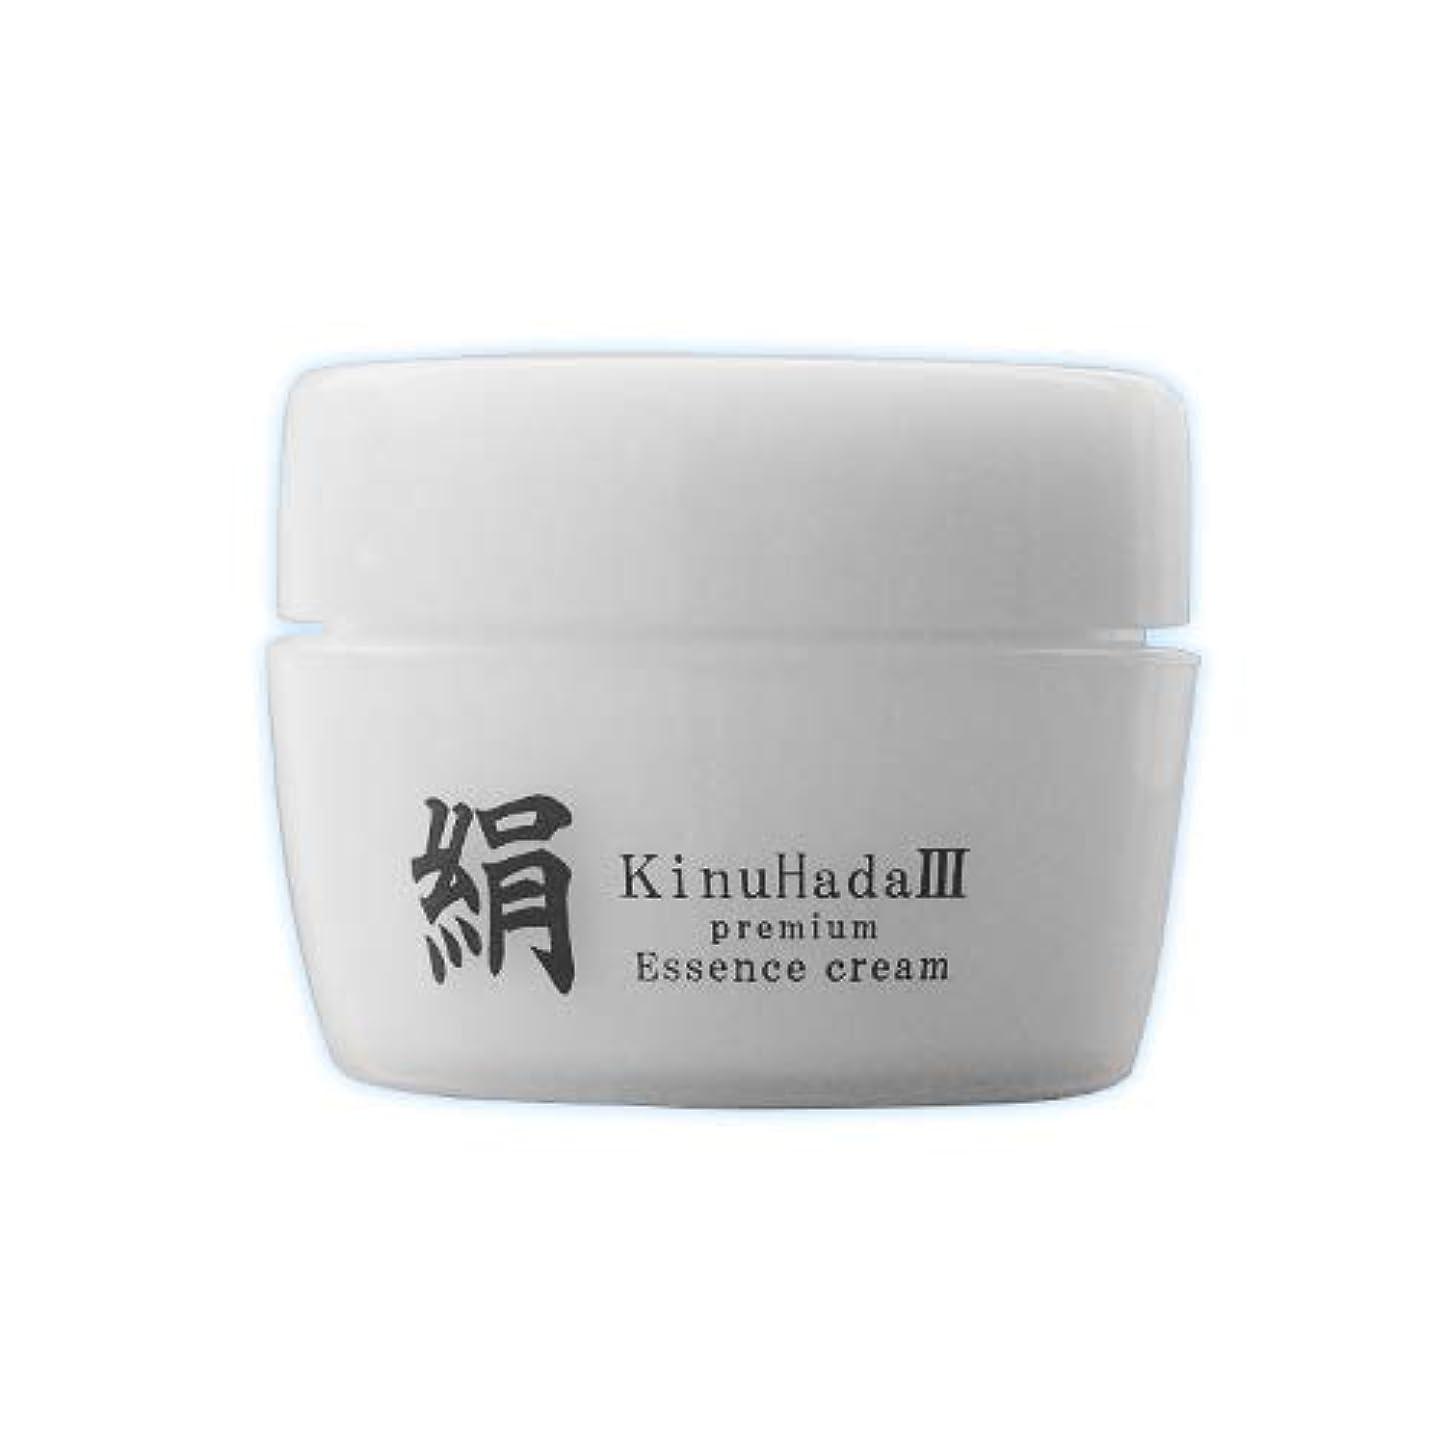 恐怖症お気に入りよろめくKinuHada 3 premium 60g オールインワン 美容液 絹